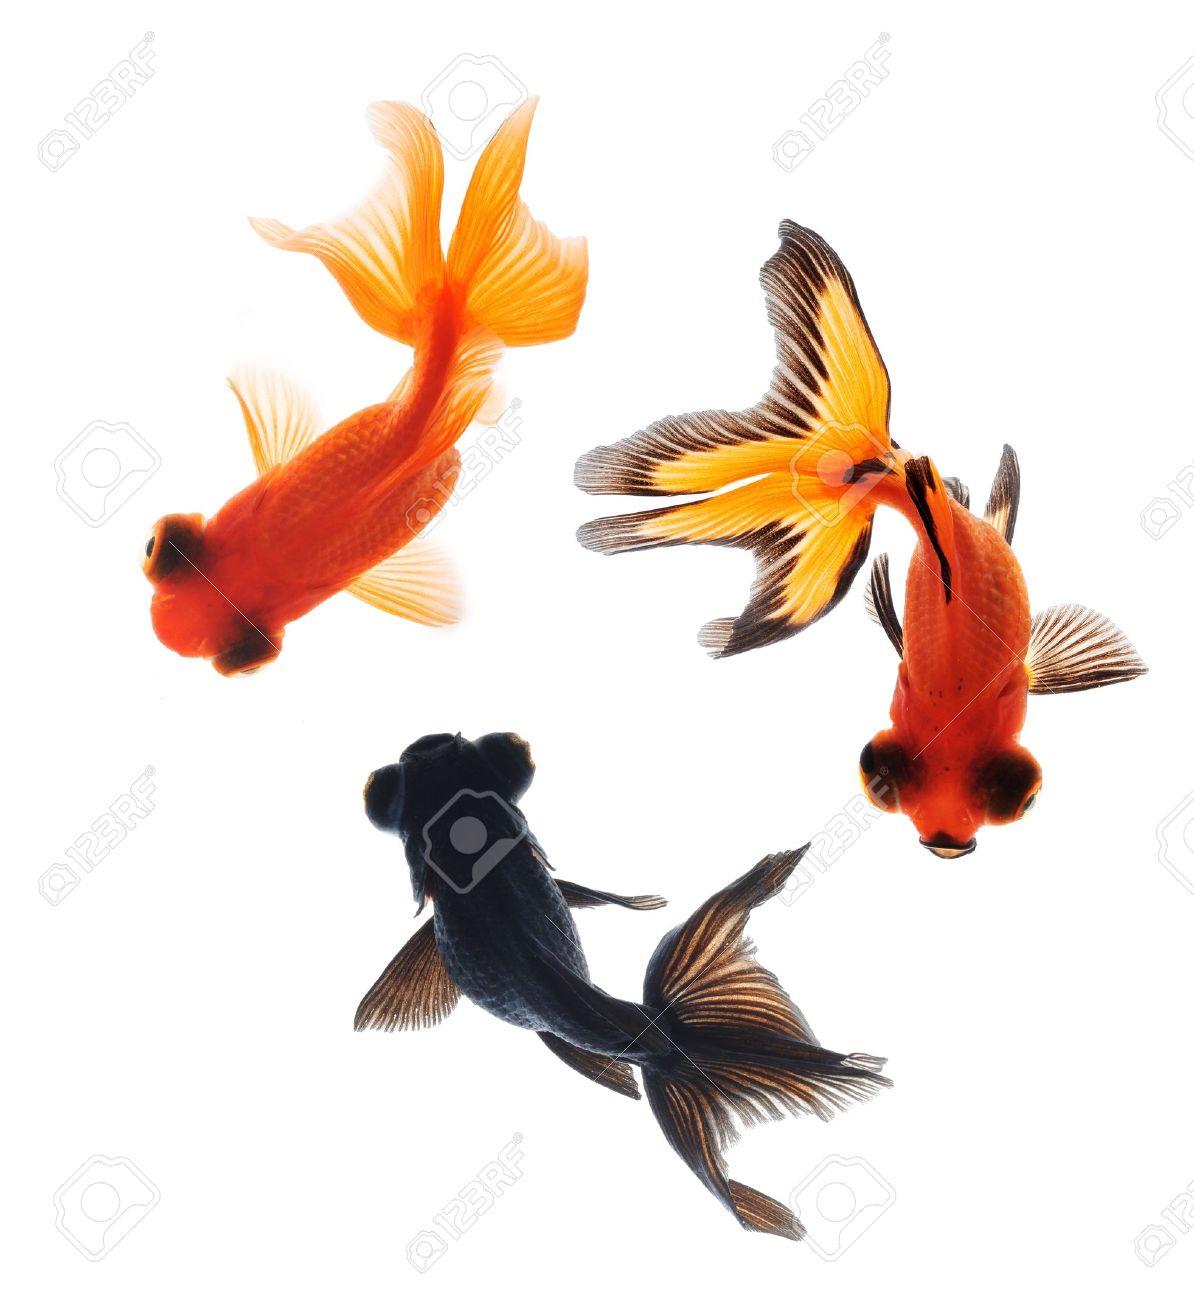 goldfish pet isolated on white background Stock Photo - 10705077